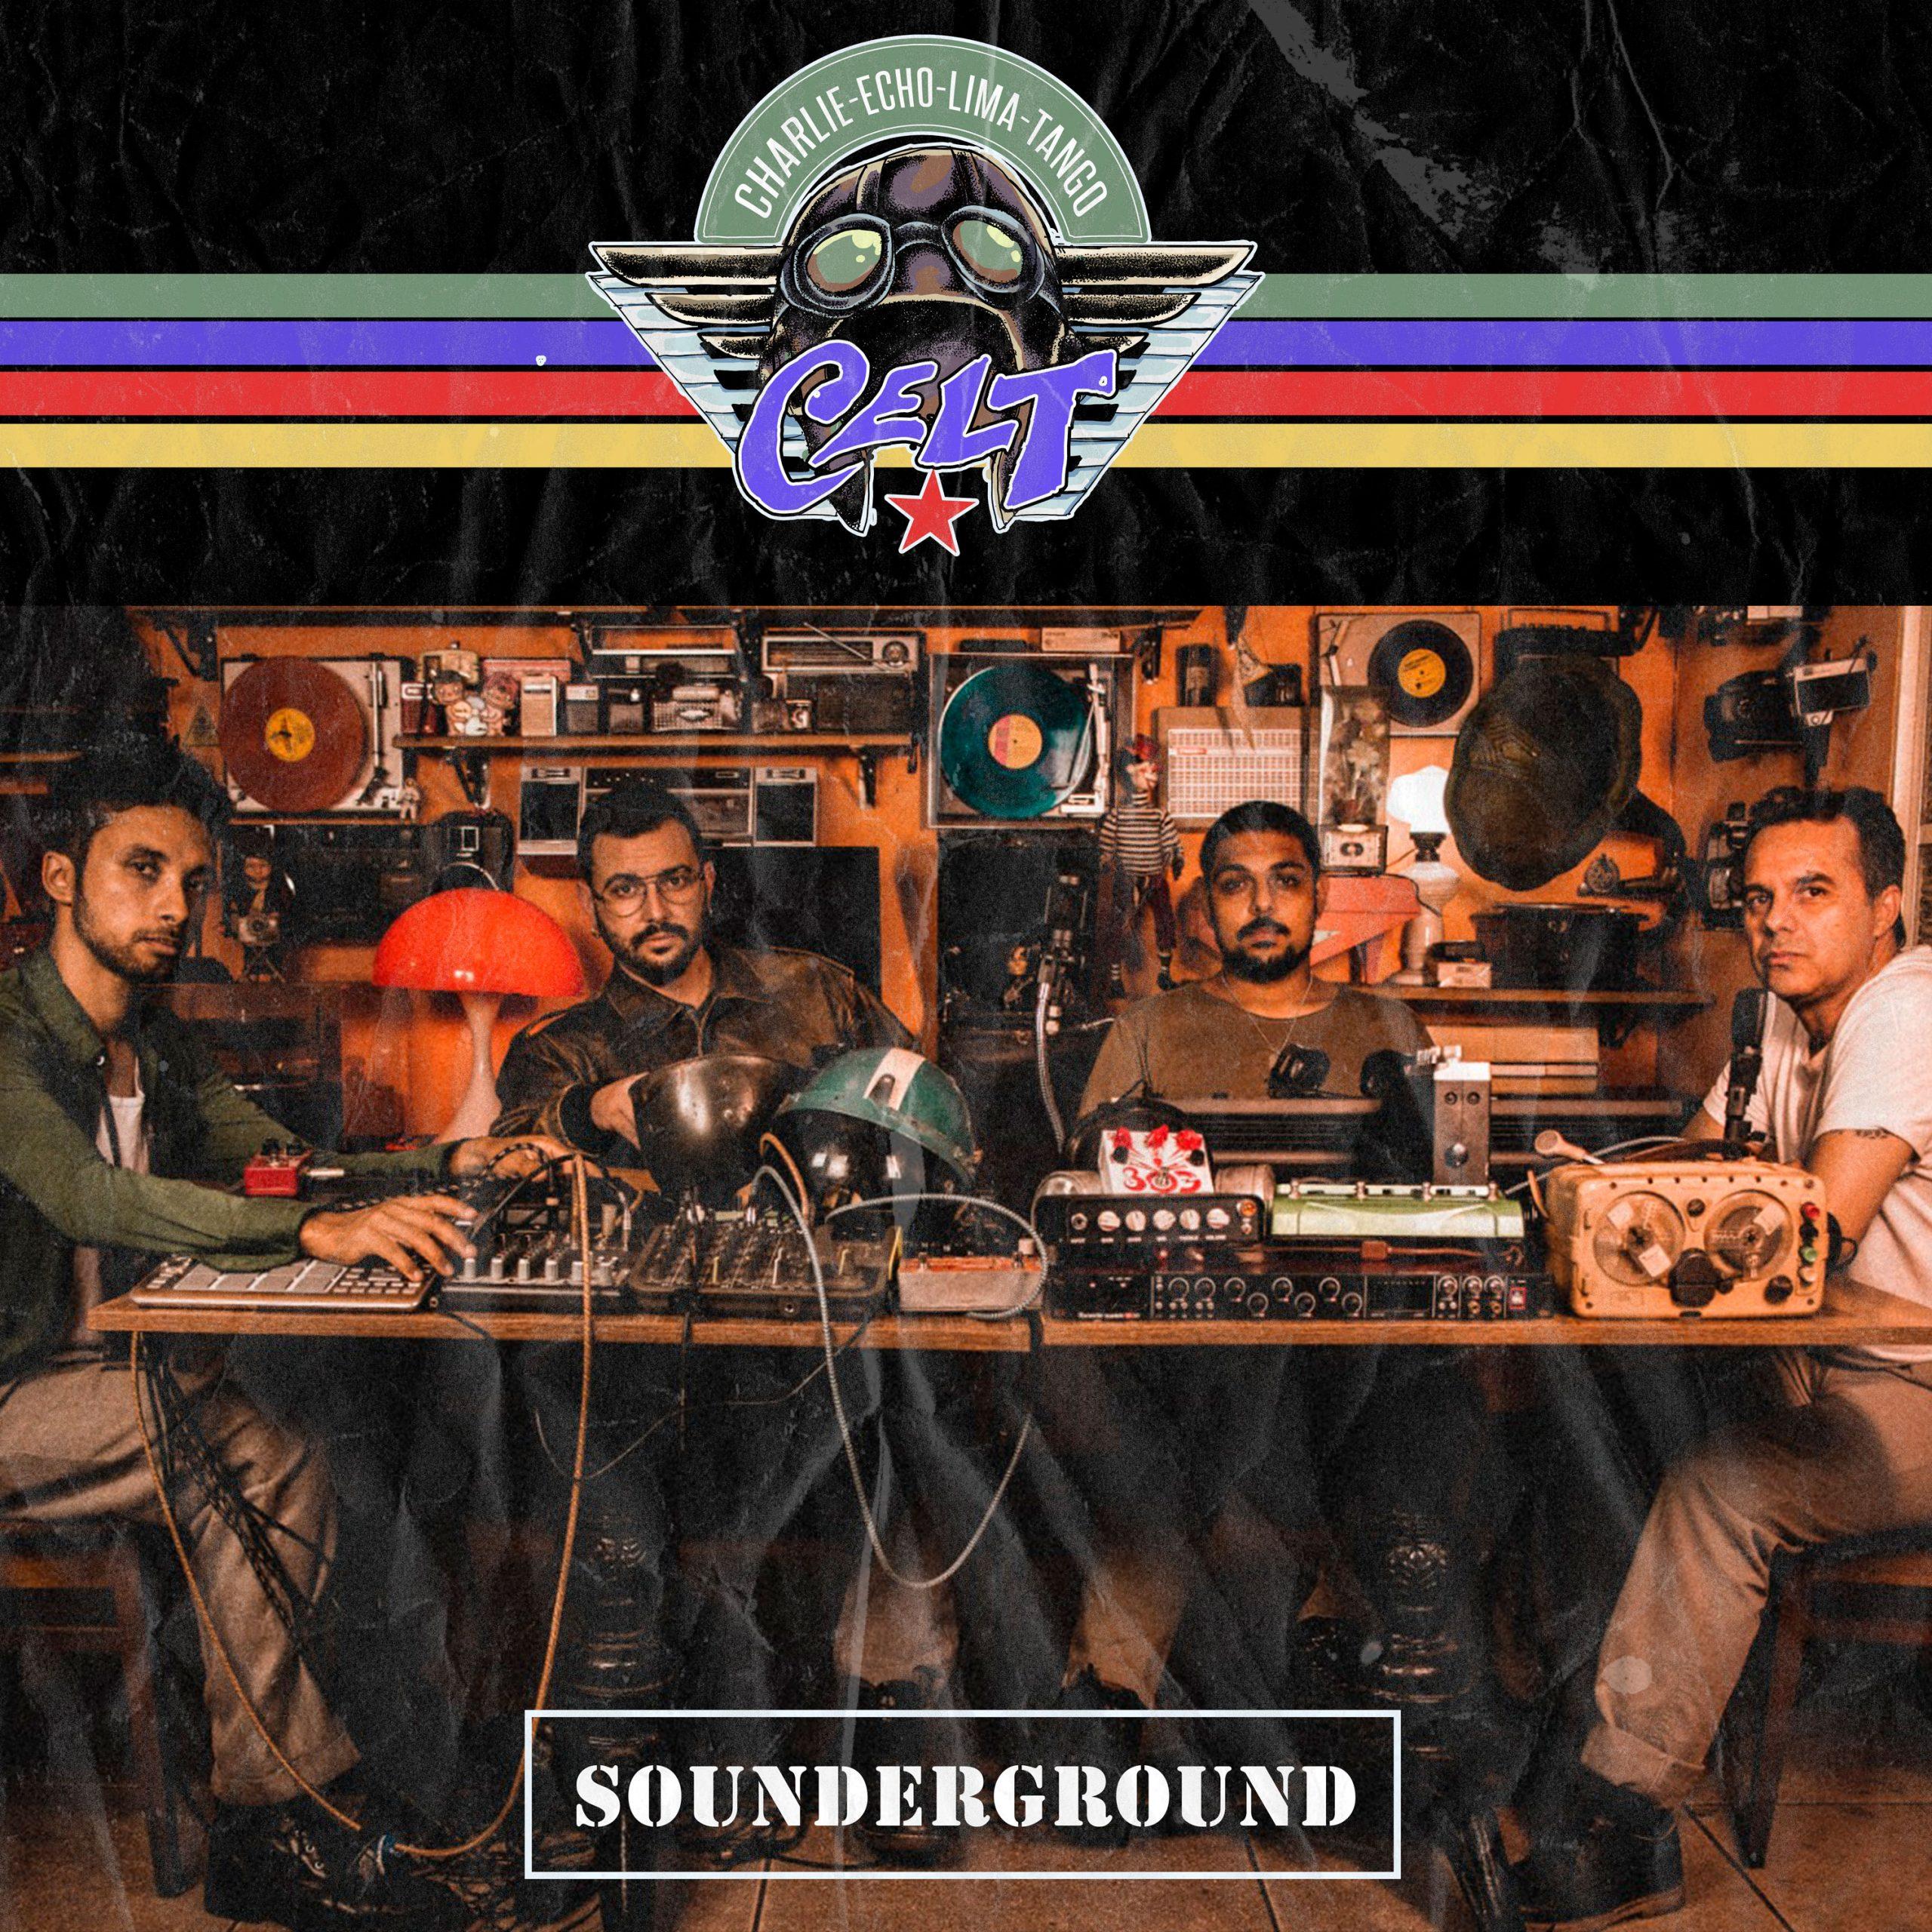 banda celt ep sounderground scaled